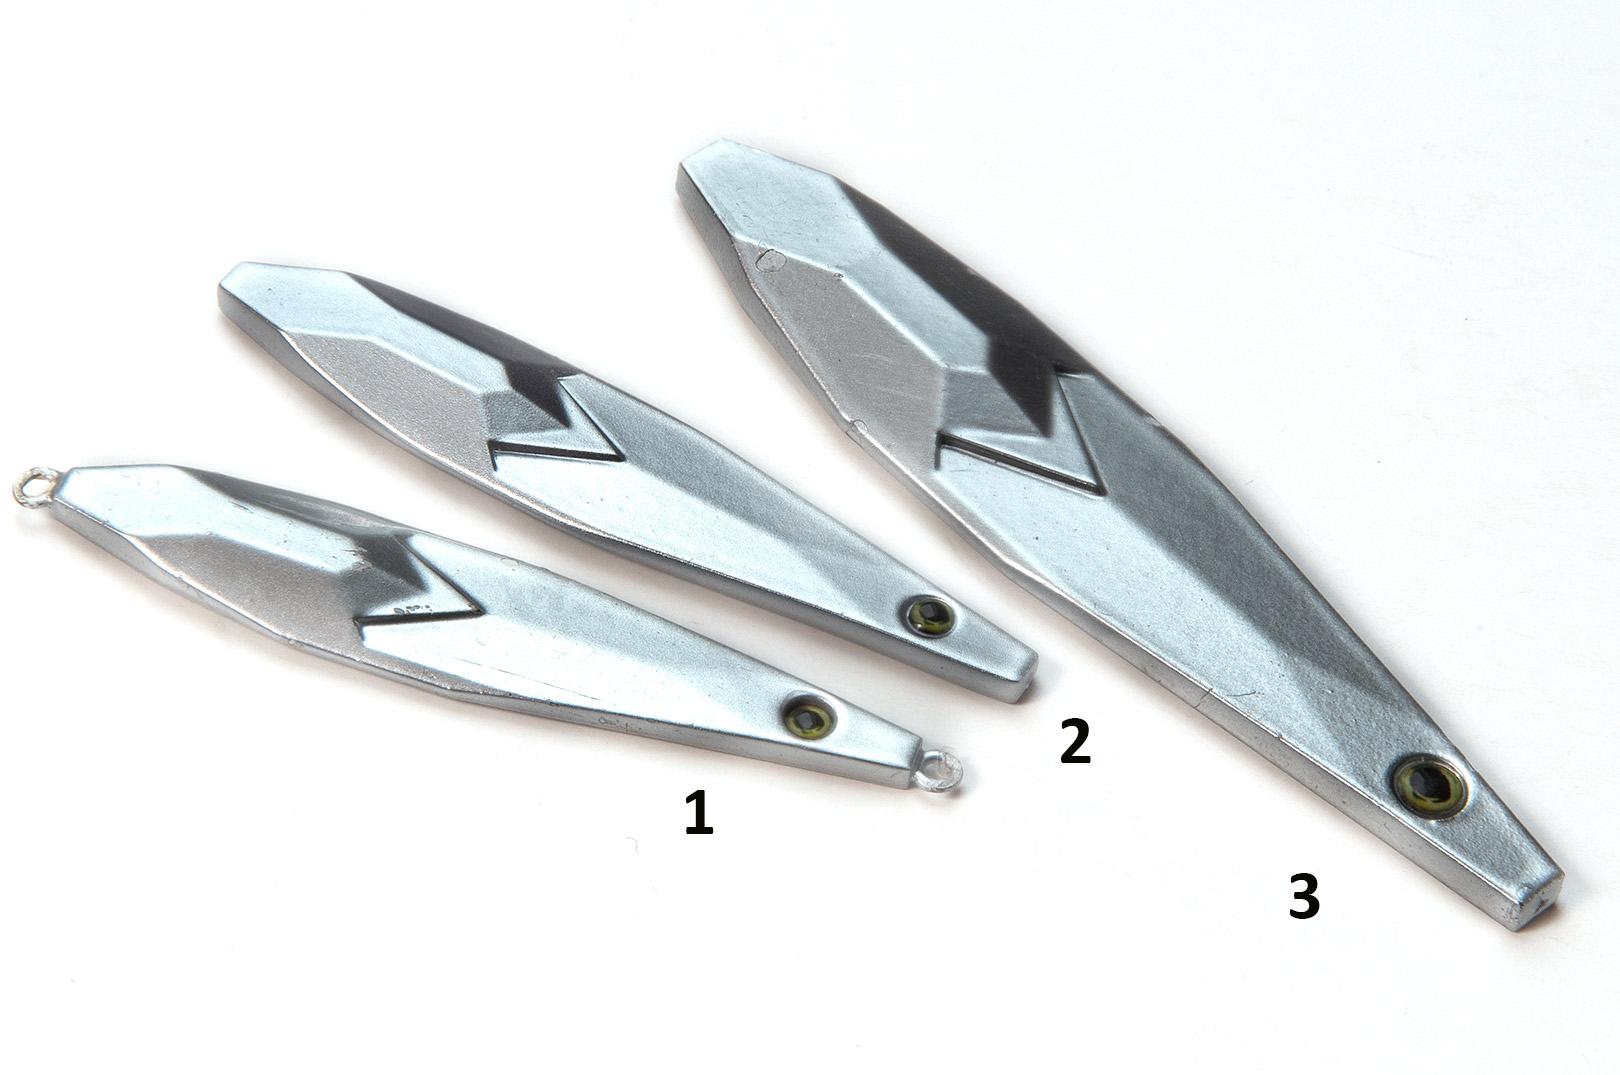 Tungstensblinket Diamond Sprat på 28 gram (1) kastede 50 % længere end zinc versionen af samme design (2) og 20 % længere end Salty Sprat på 28 gram af samme design og form .